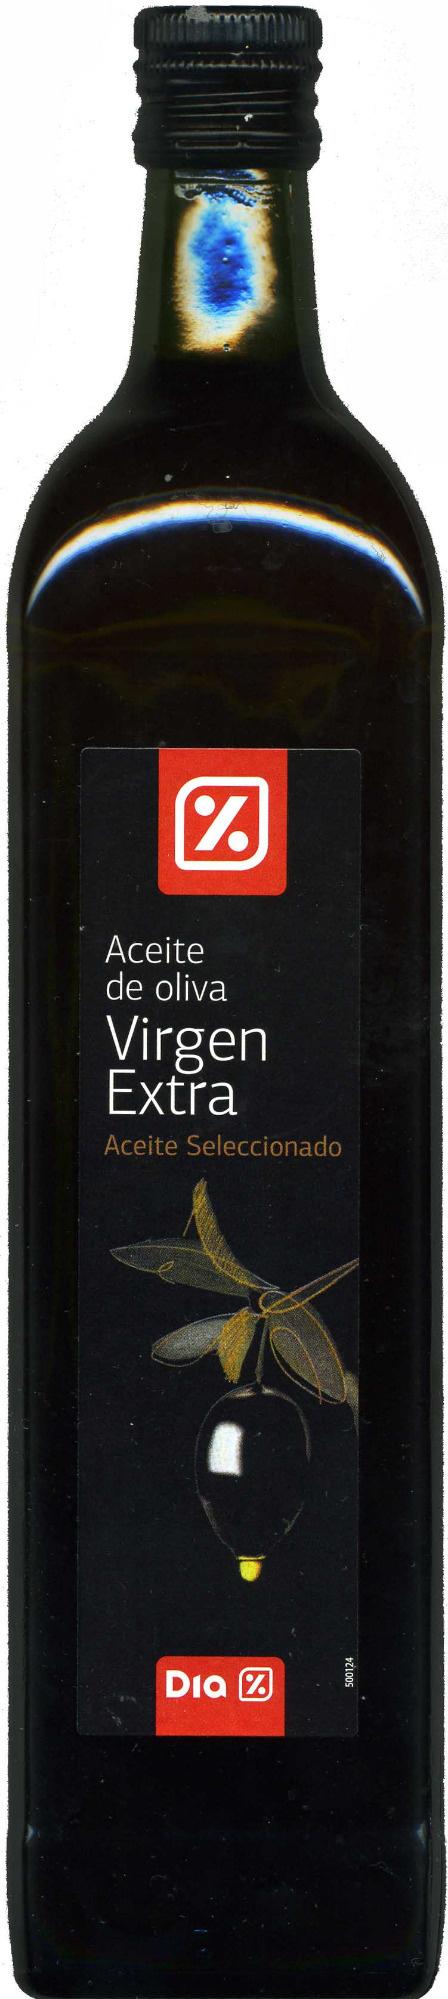 """Aceite de oliva virgen extra """"Dia"""" - Producte - es"""